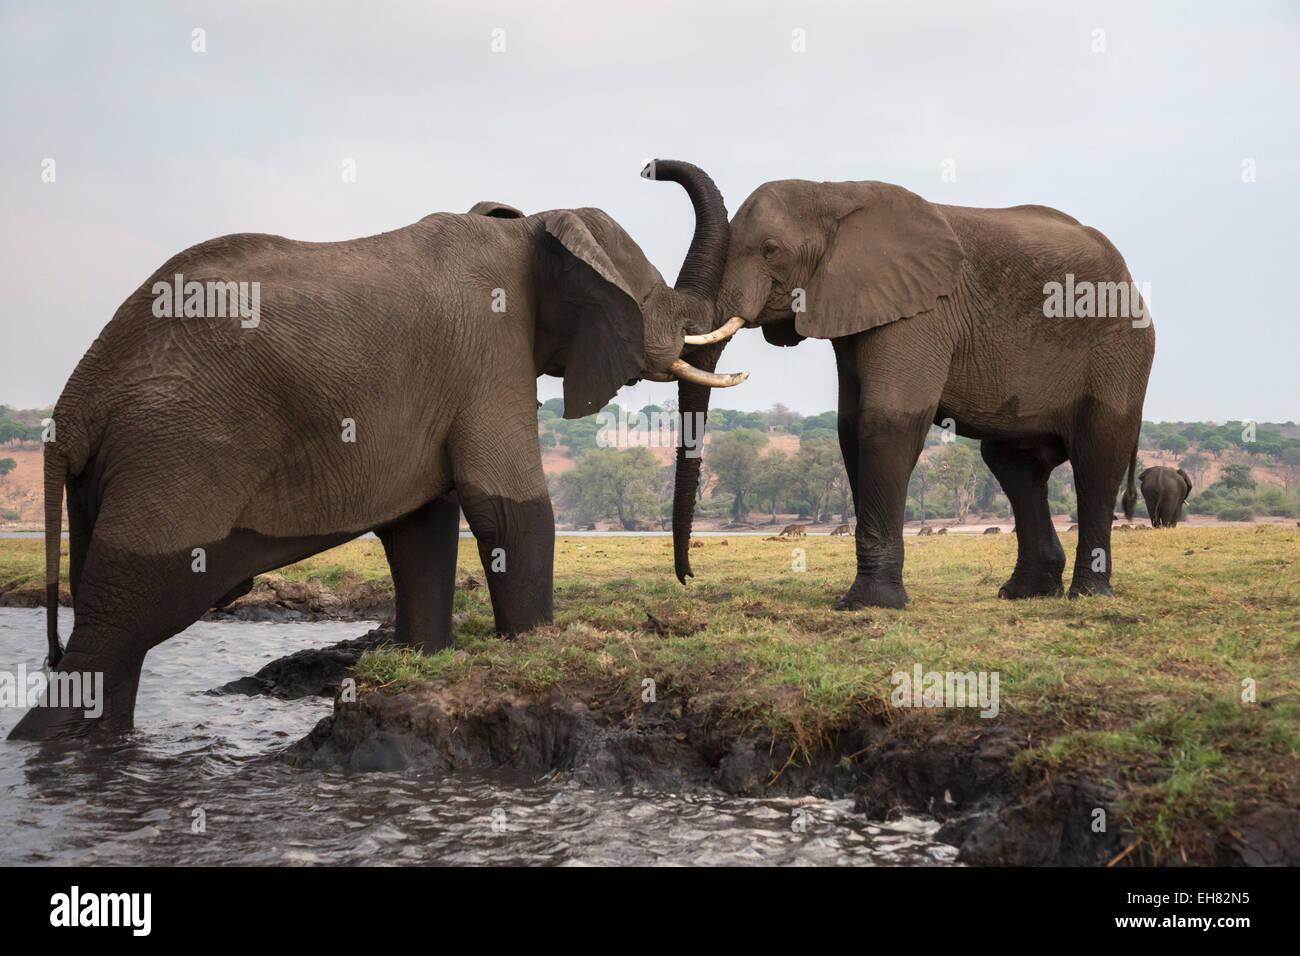 African elephants (Loxodonta africana), Chobe National Park, Botswana, Africa - Stock Image